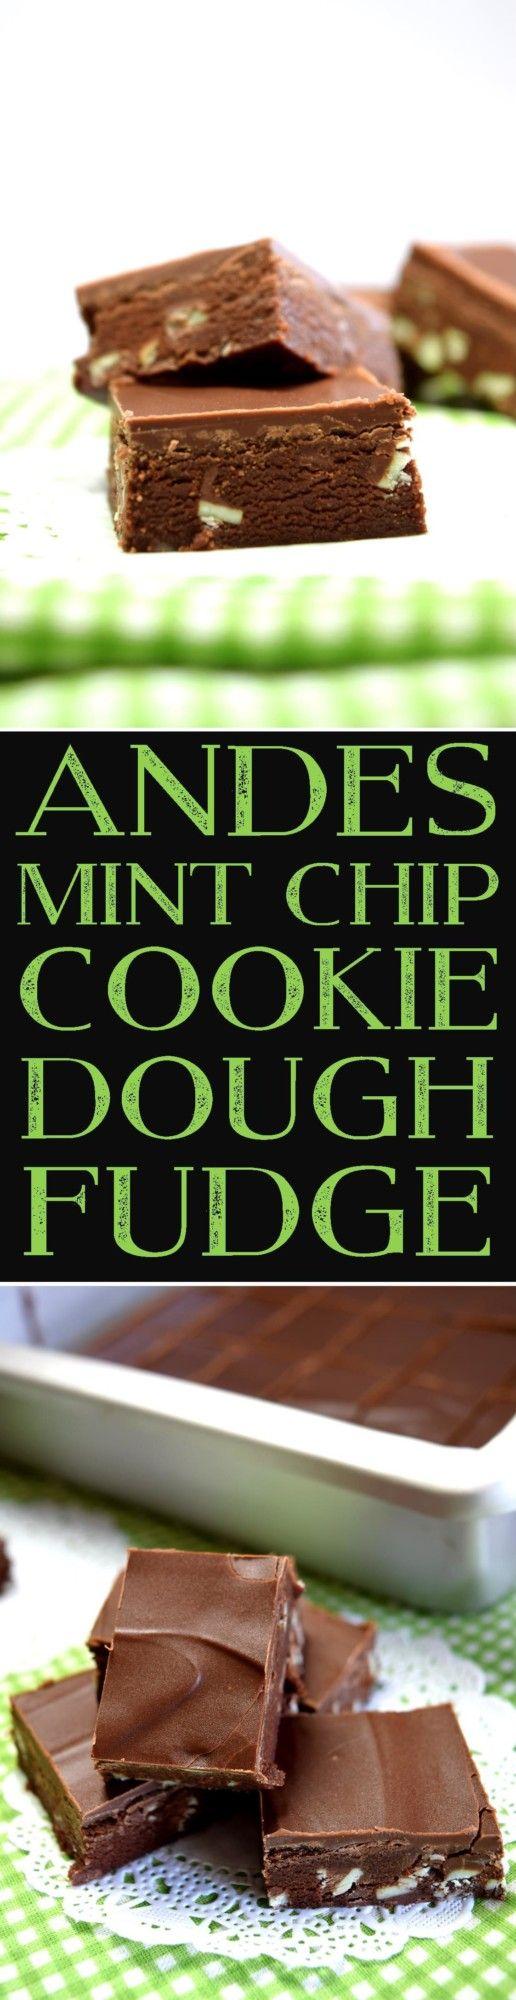 Andes Mint Chip Cookie Dough Fudge